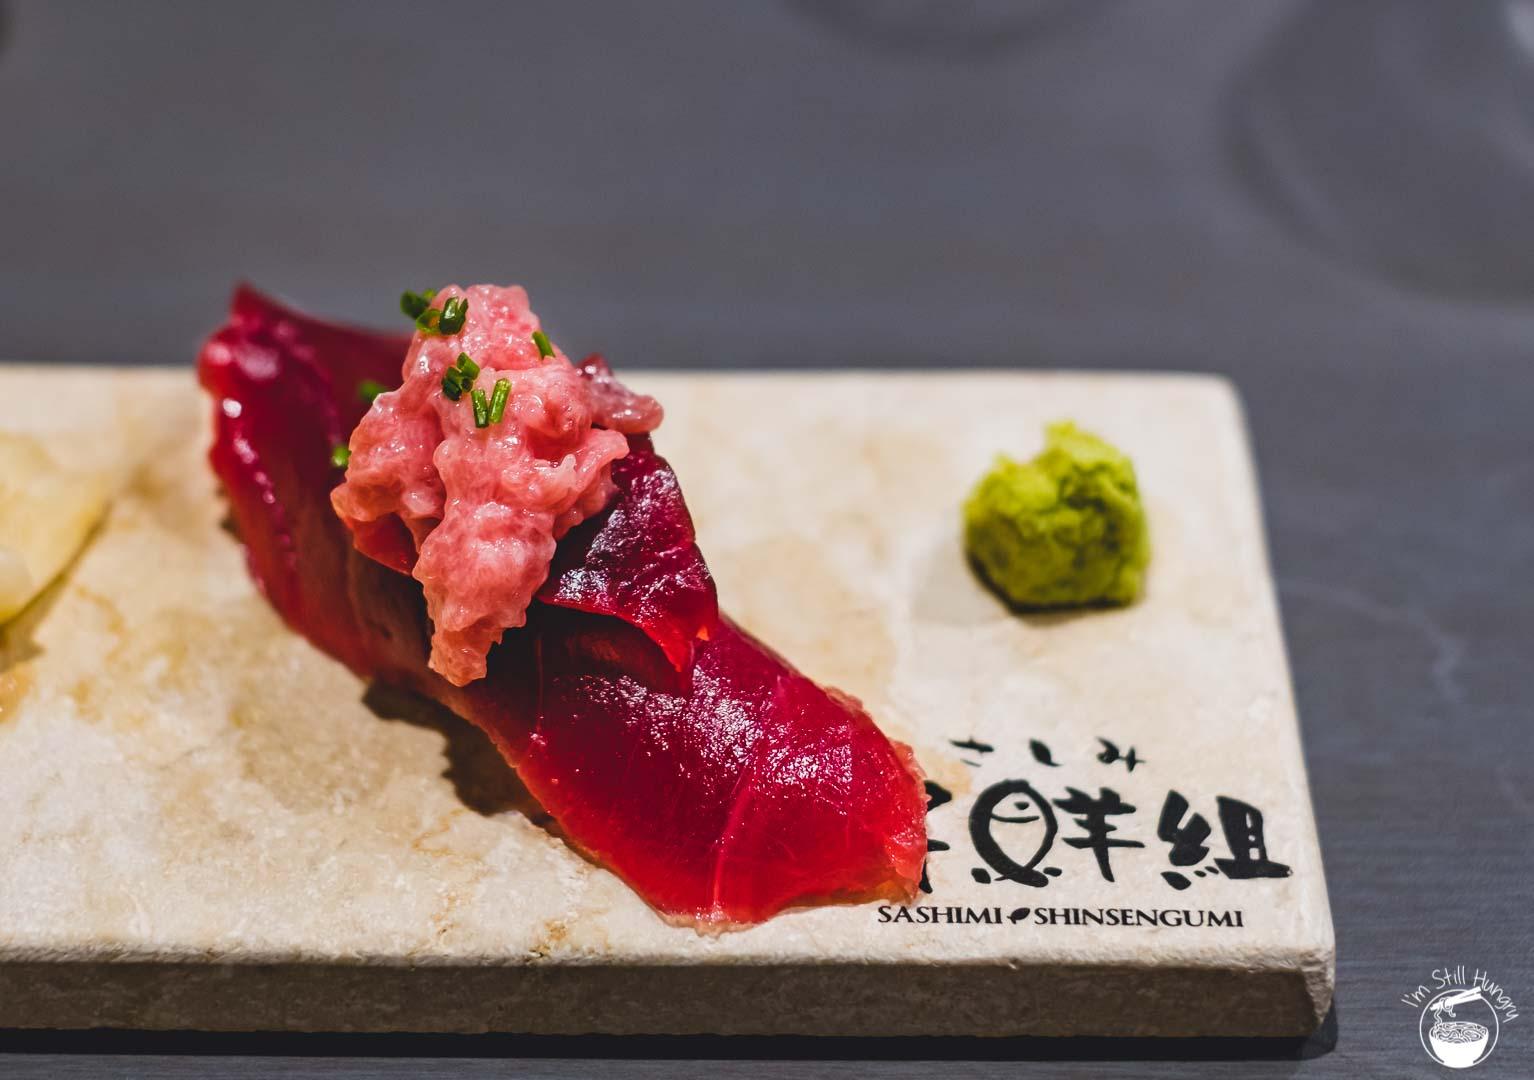 Sashimi Shinsengumi Crows Nest Sushi Omakase tuna